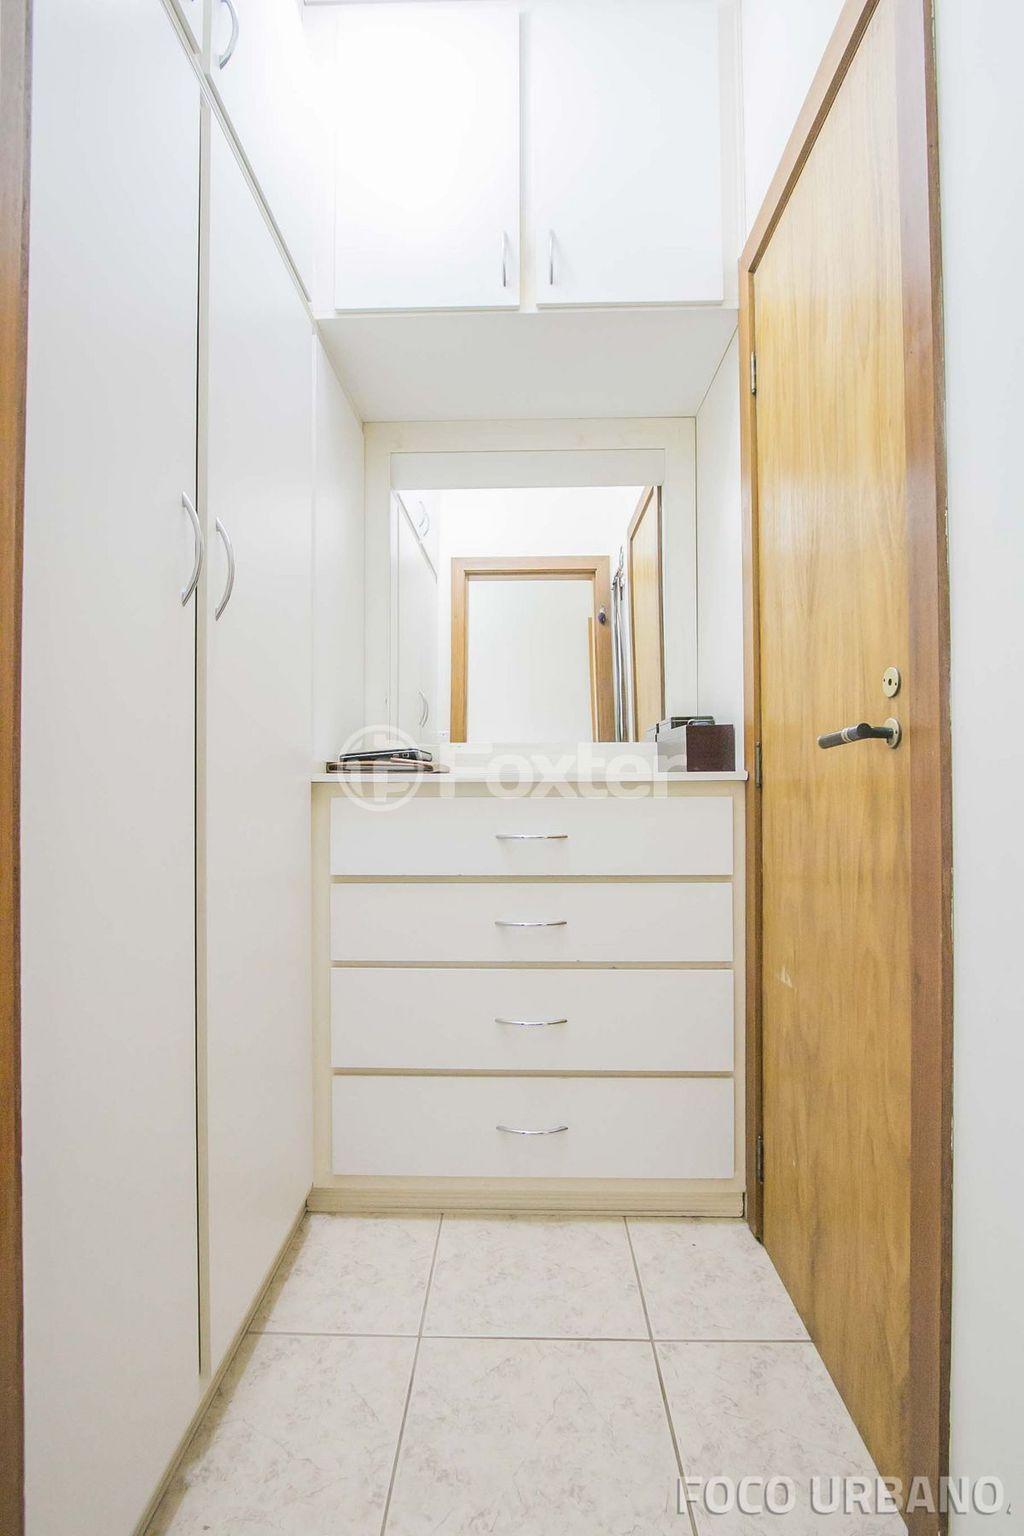 Foxter Imobiliária - Cobertura 4 Dorm (145795) - Foto 15